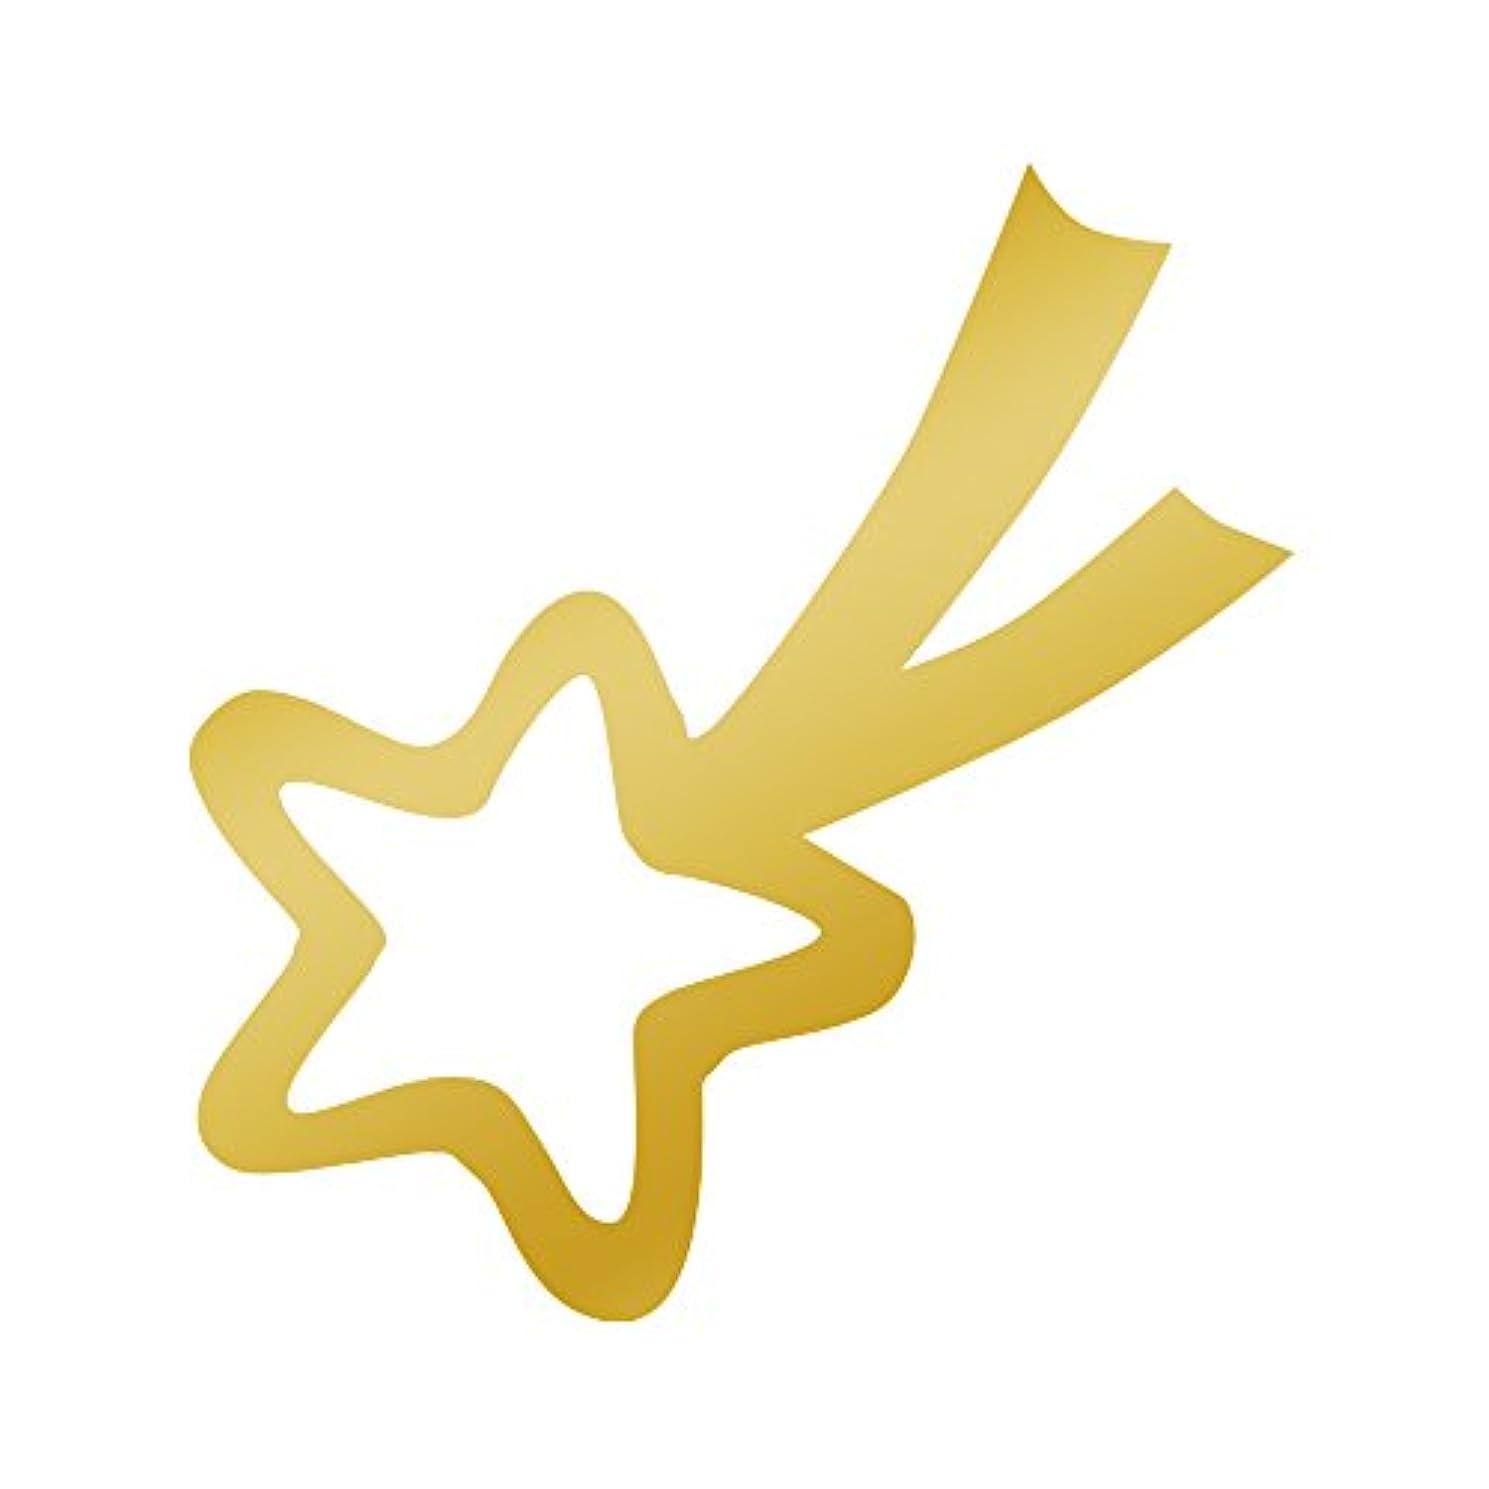 落花生爵飼い慣らすリトルプリティー ネイルアートパーツ 流れ星 S ゴールド 10個